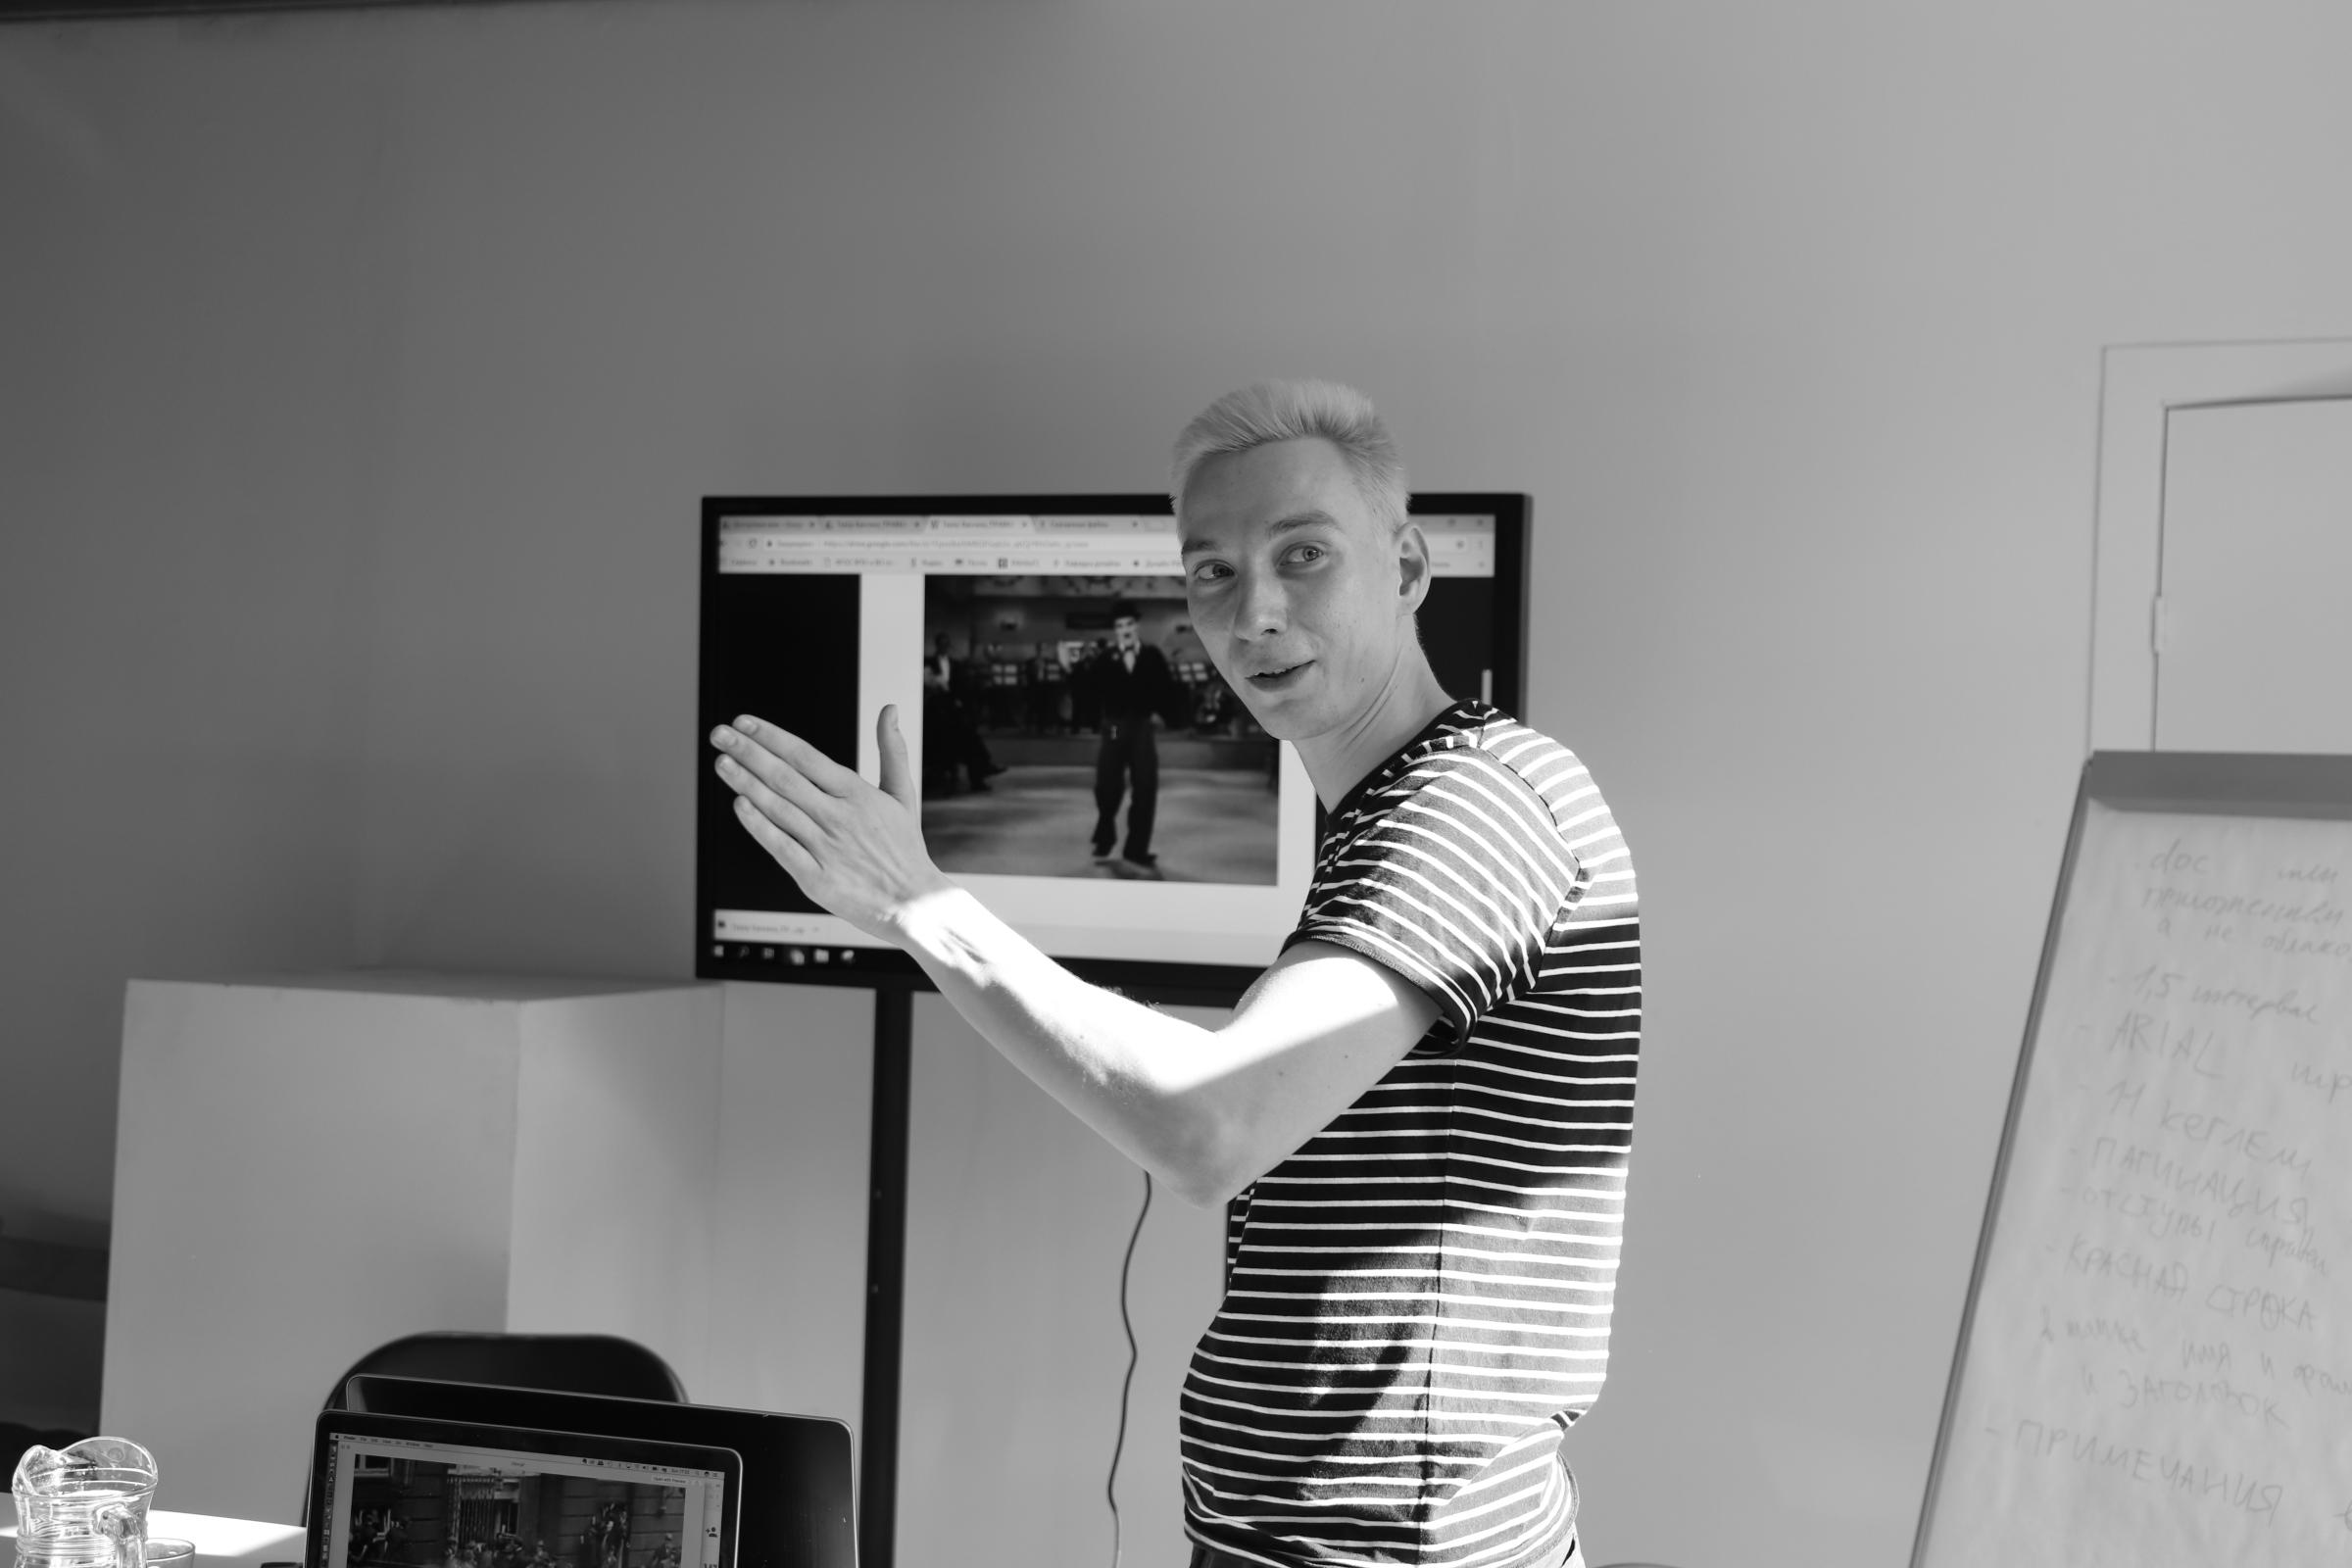 Теоретик Борис Клюшников на лекции в Базе, 2019. Фото Анны Сапожниковой.